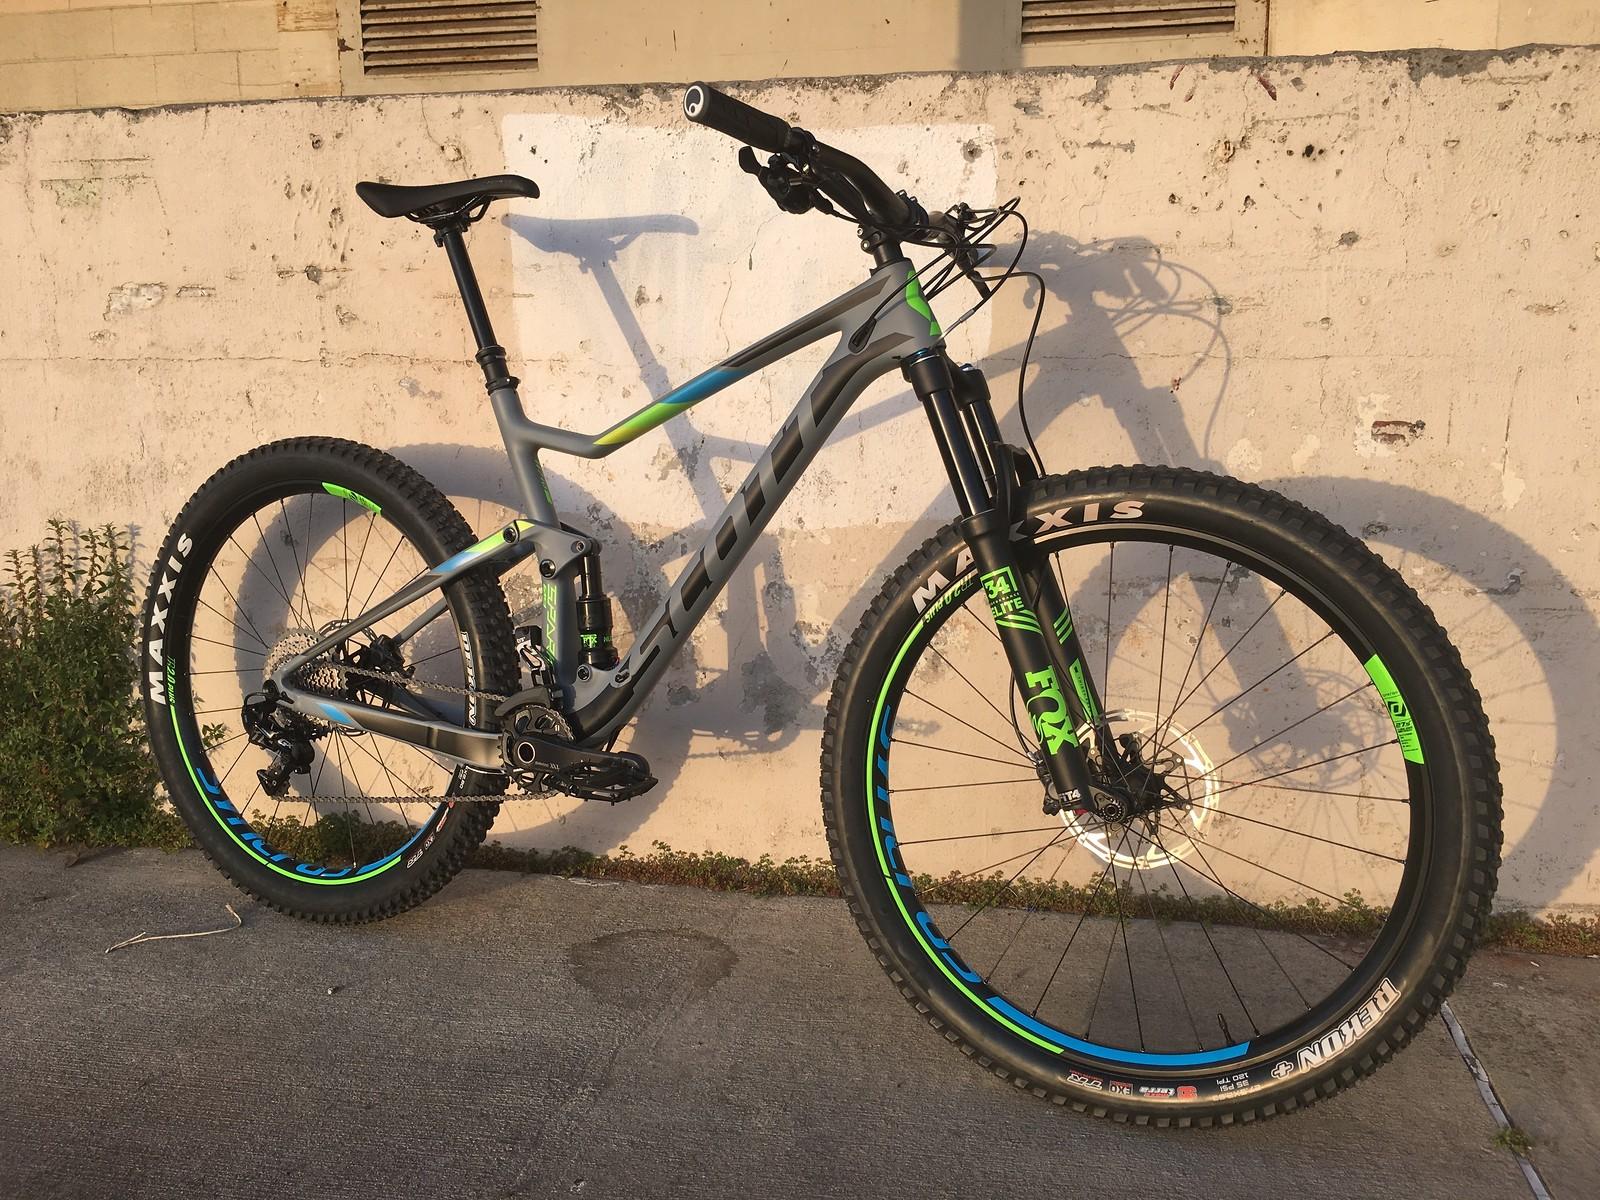 bd48e88071b 2017 Scott Spark 710 Plus - Ellipsis's Bike Check - Vital MTB